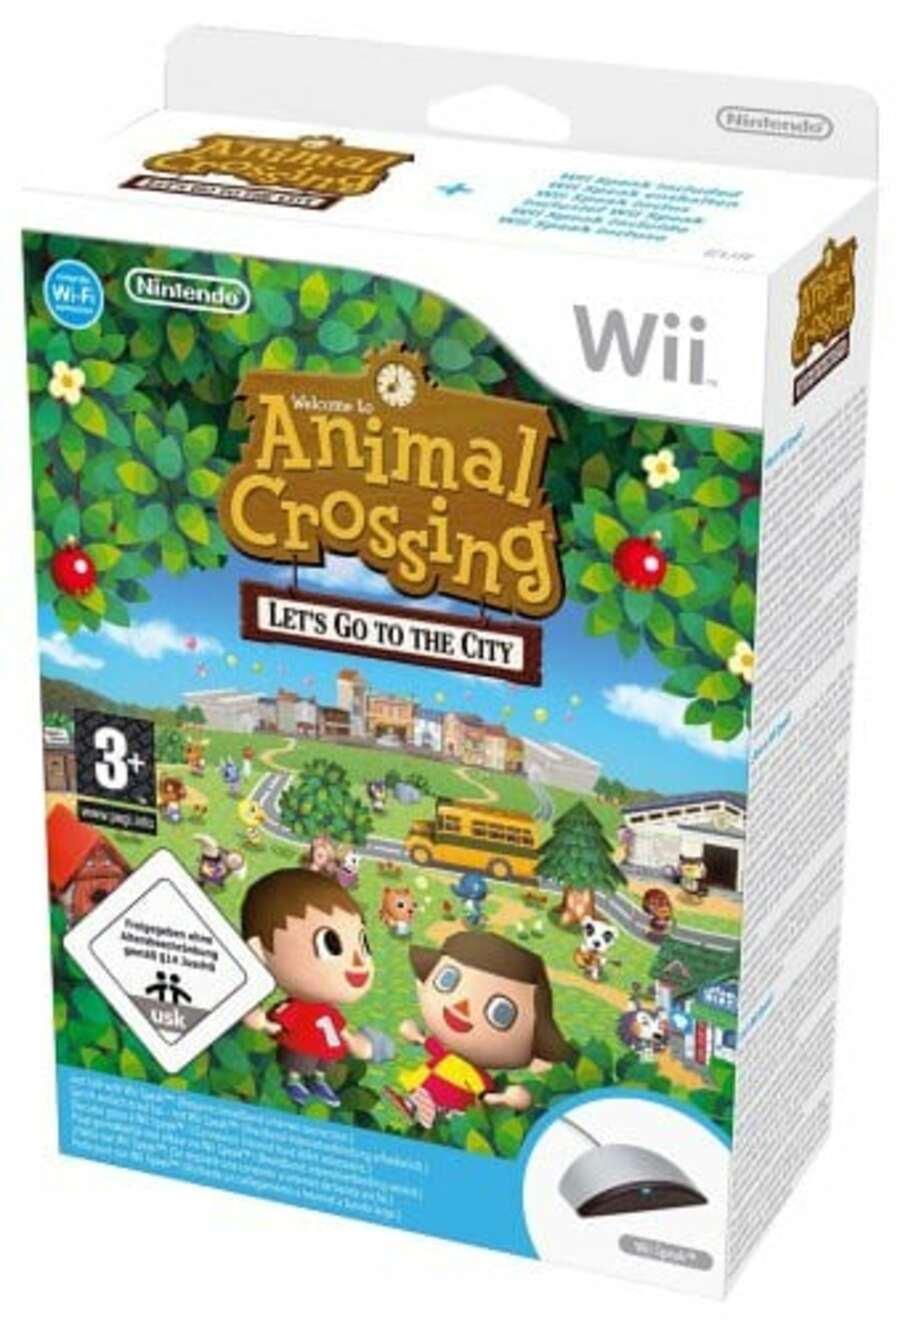 Wii Speak Bundle